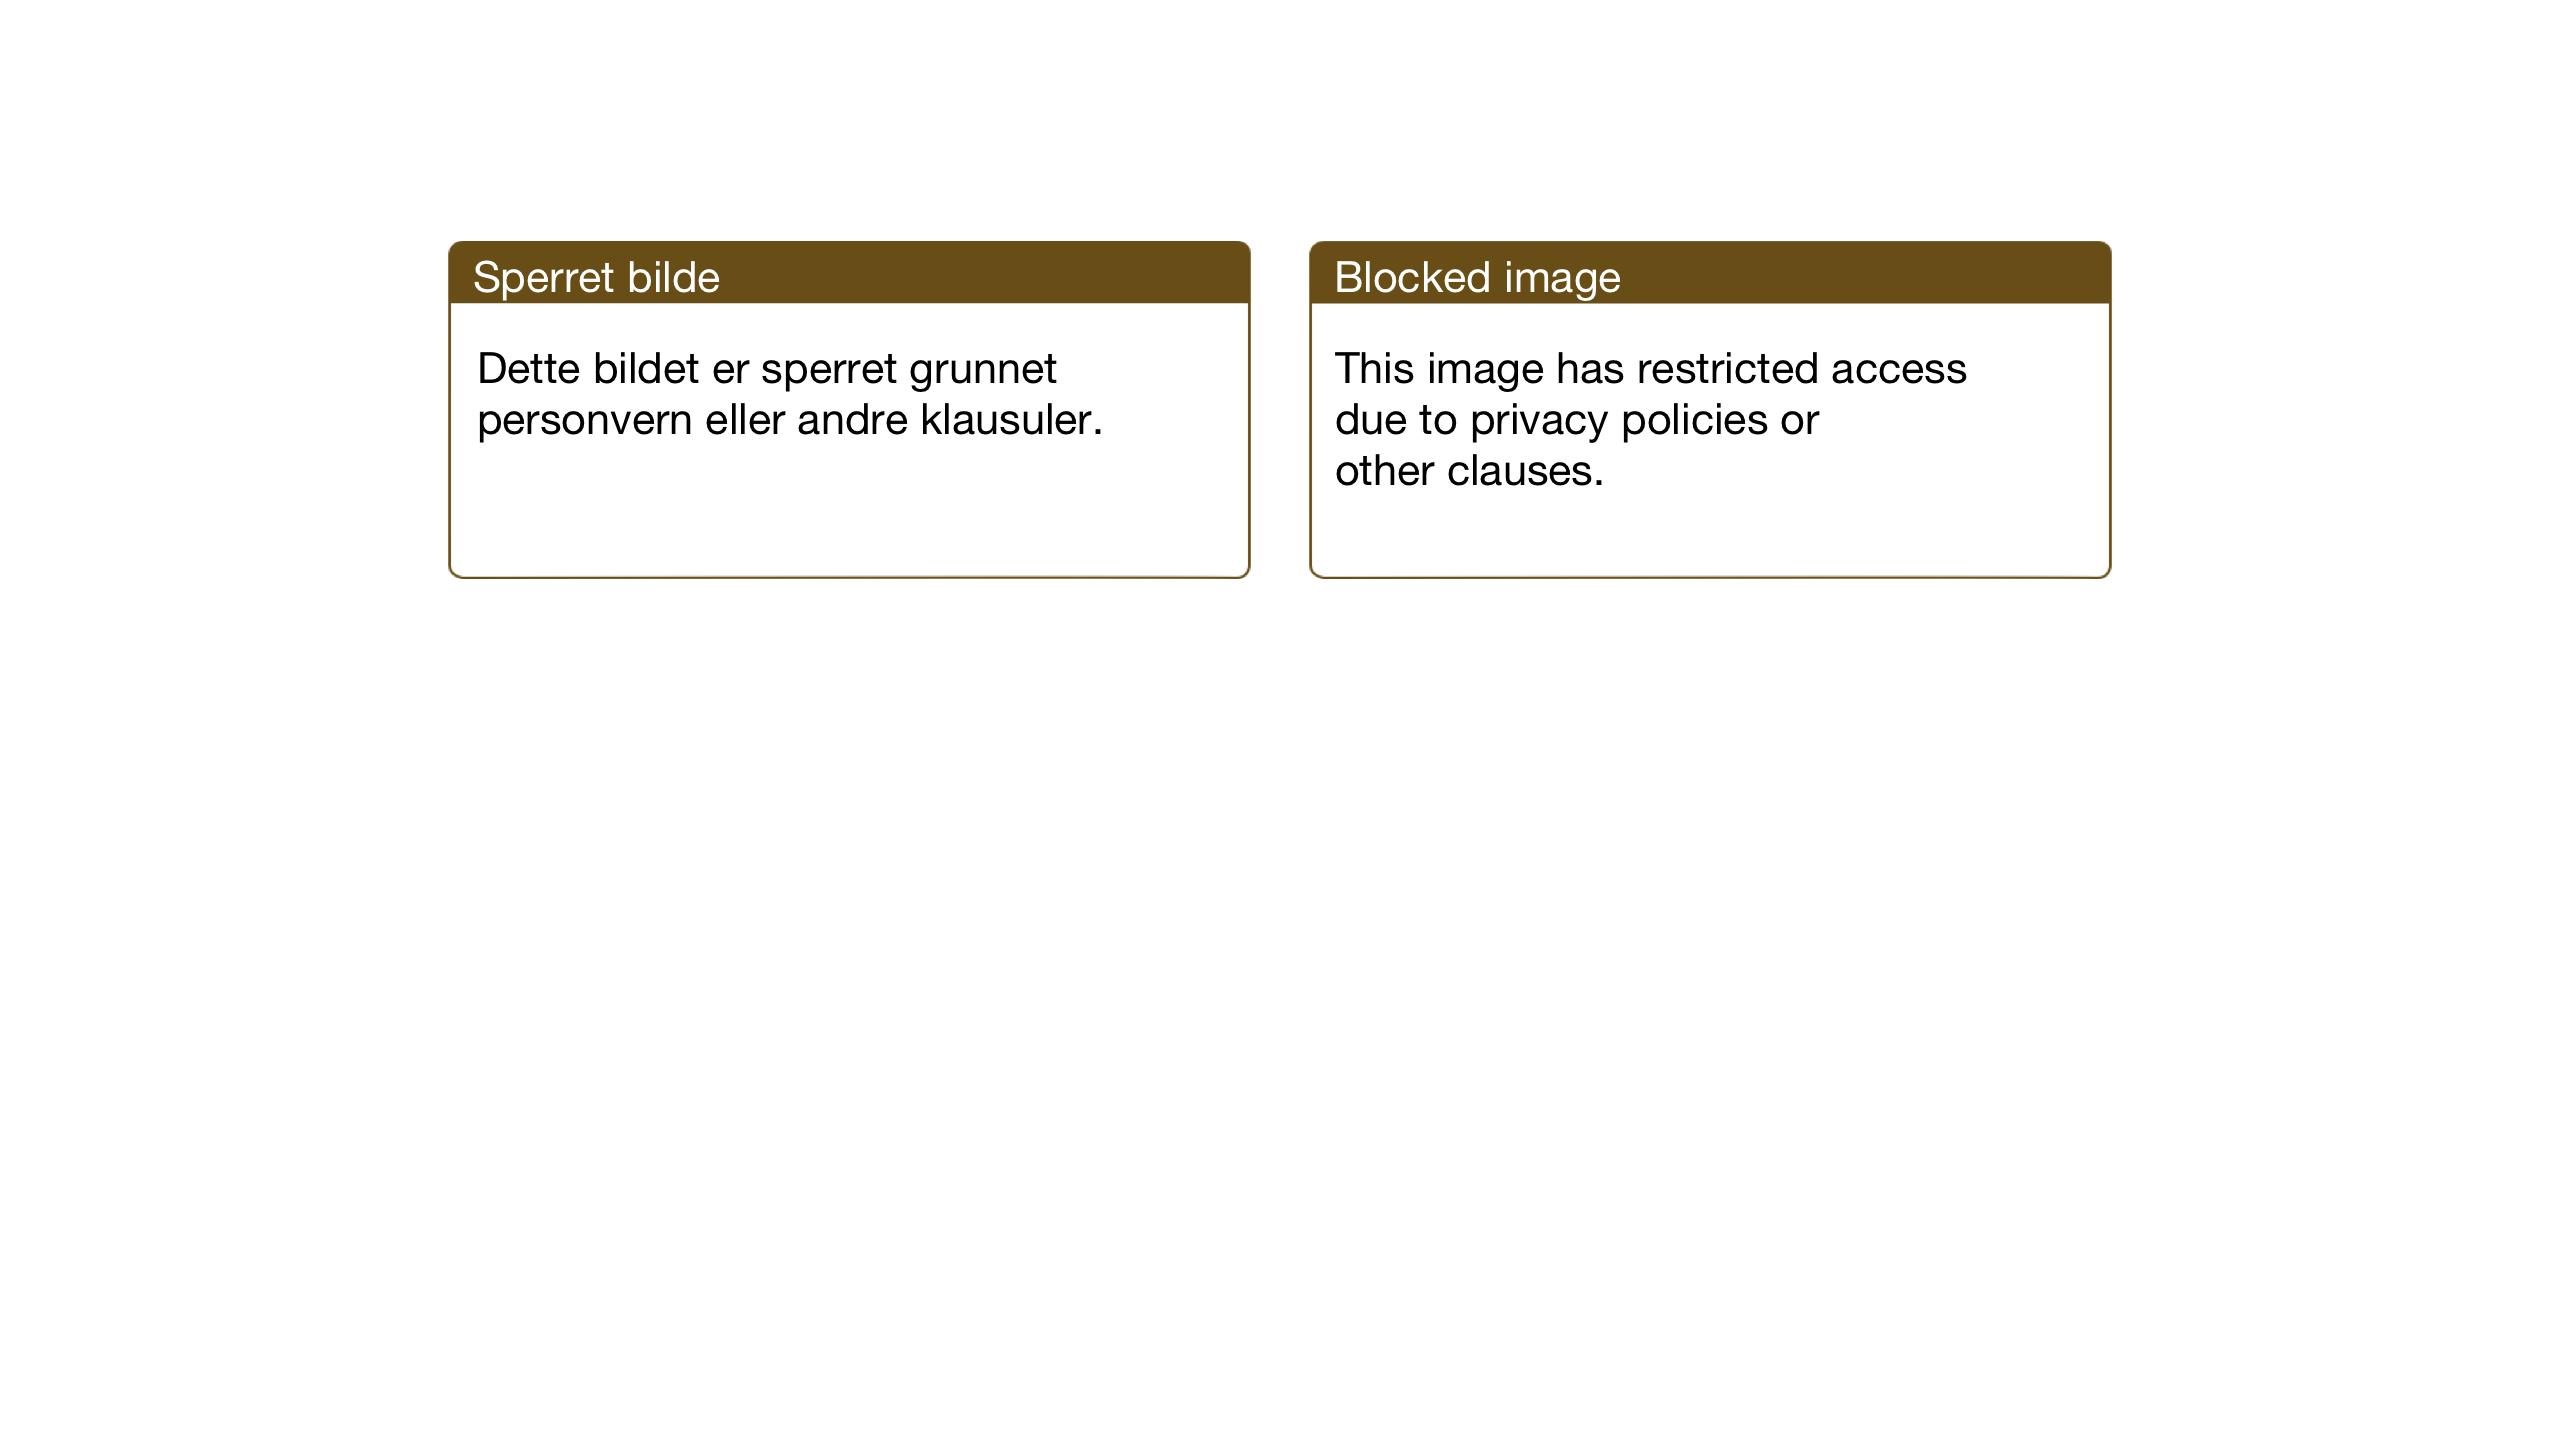 SAT, Ministerialprotokoller, klokkerbøker og fødselsregistre - Nord-Trøndelag, 722/L0227: Klokkerbok nr. 722C03, 1928-1958, s. 10